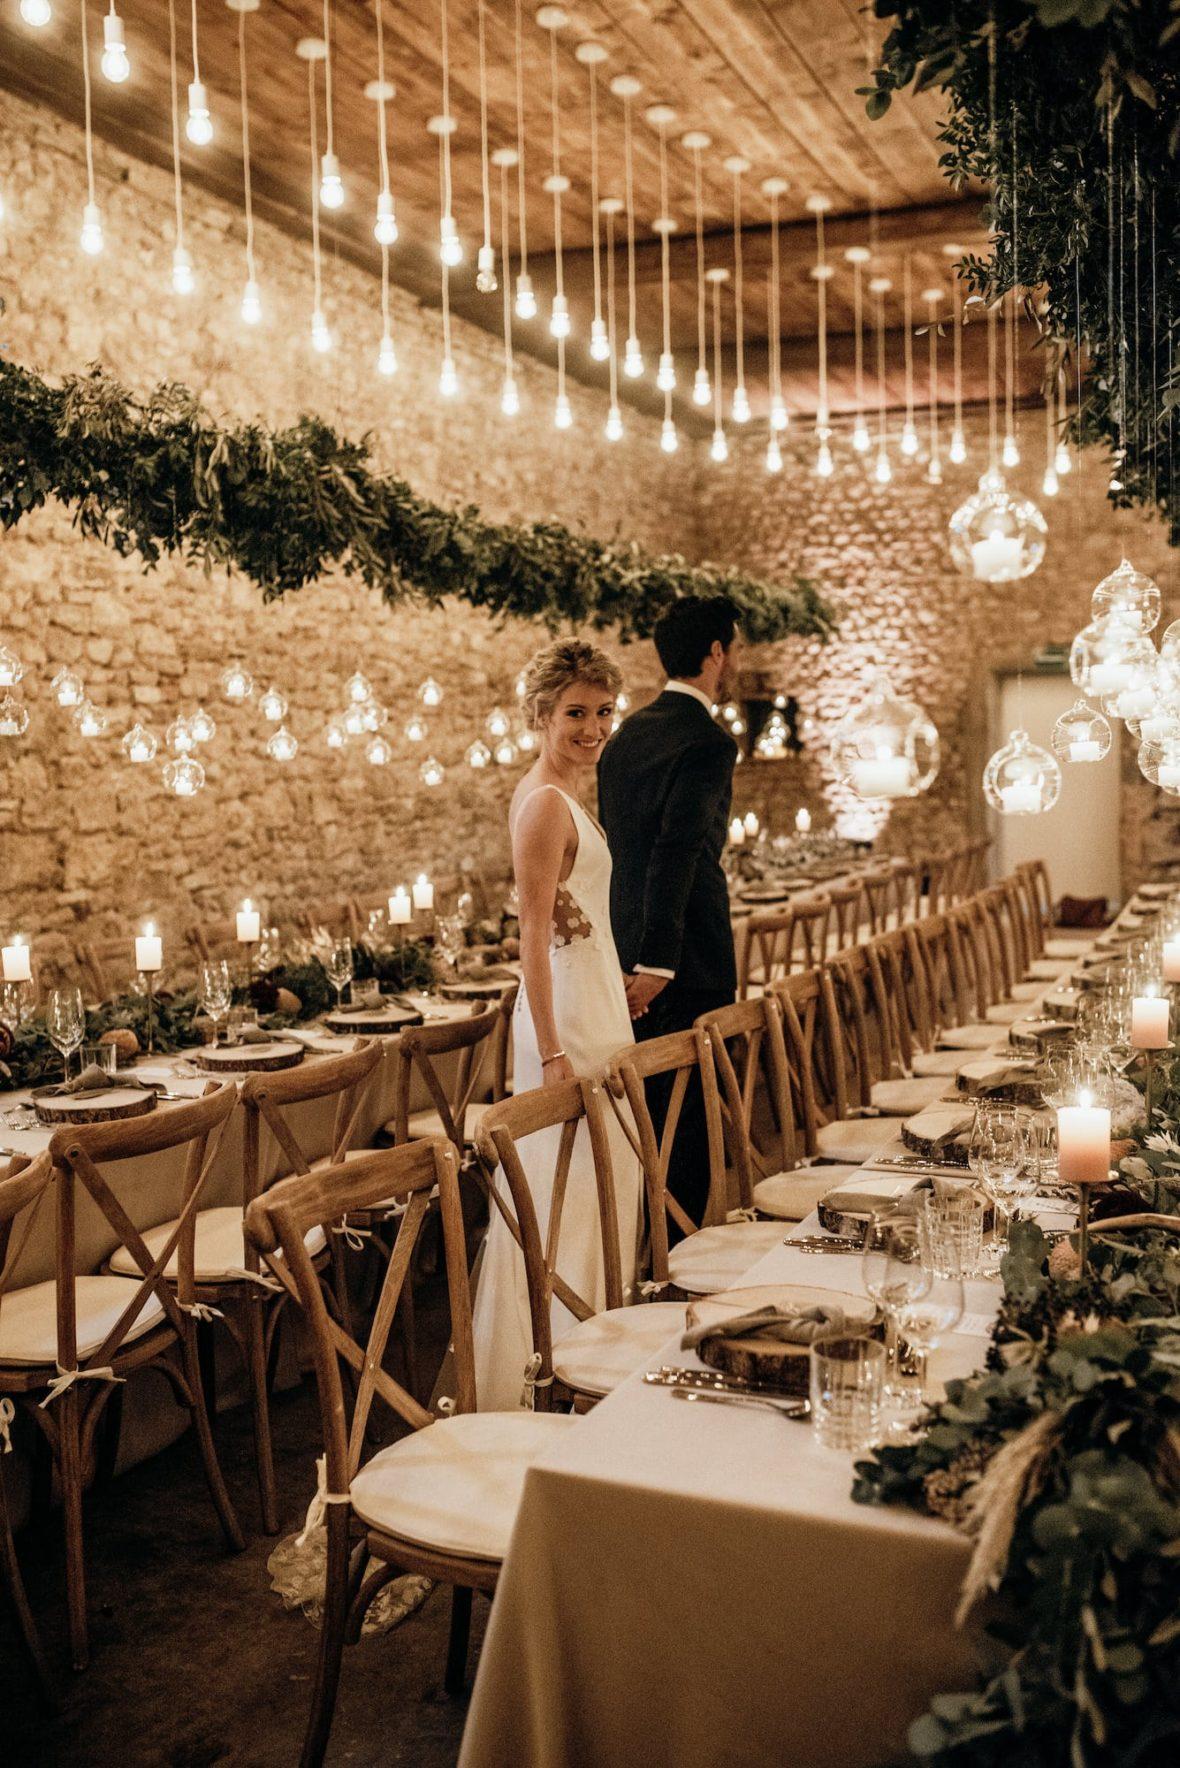 Rustic Barn Wedding in Boudier and Koeller